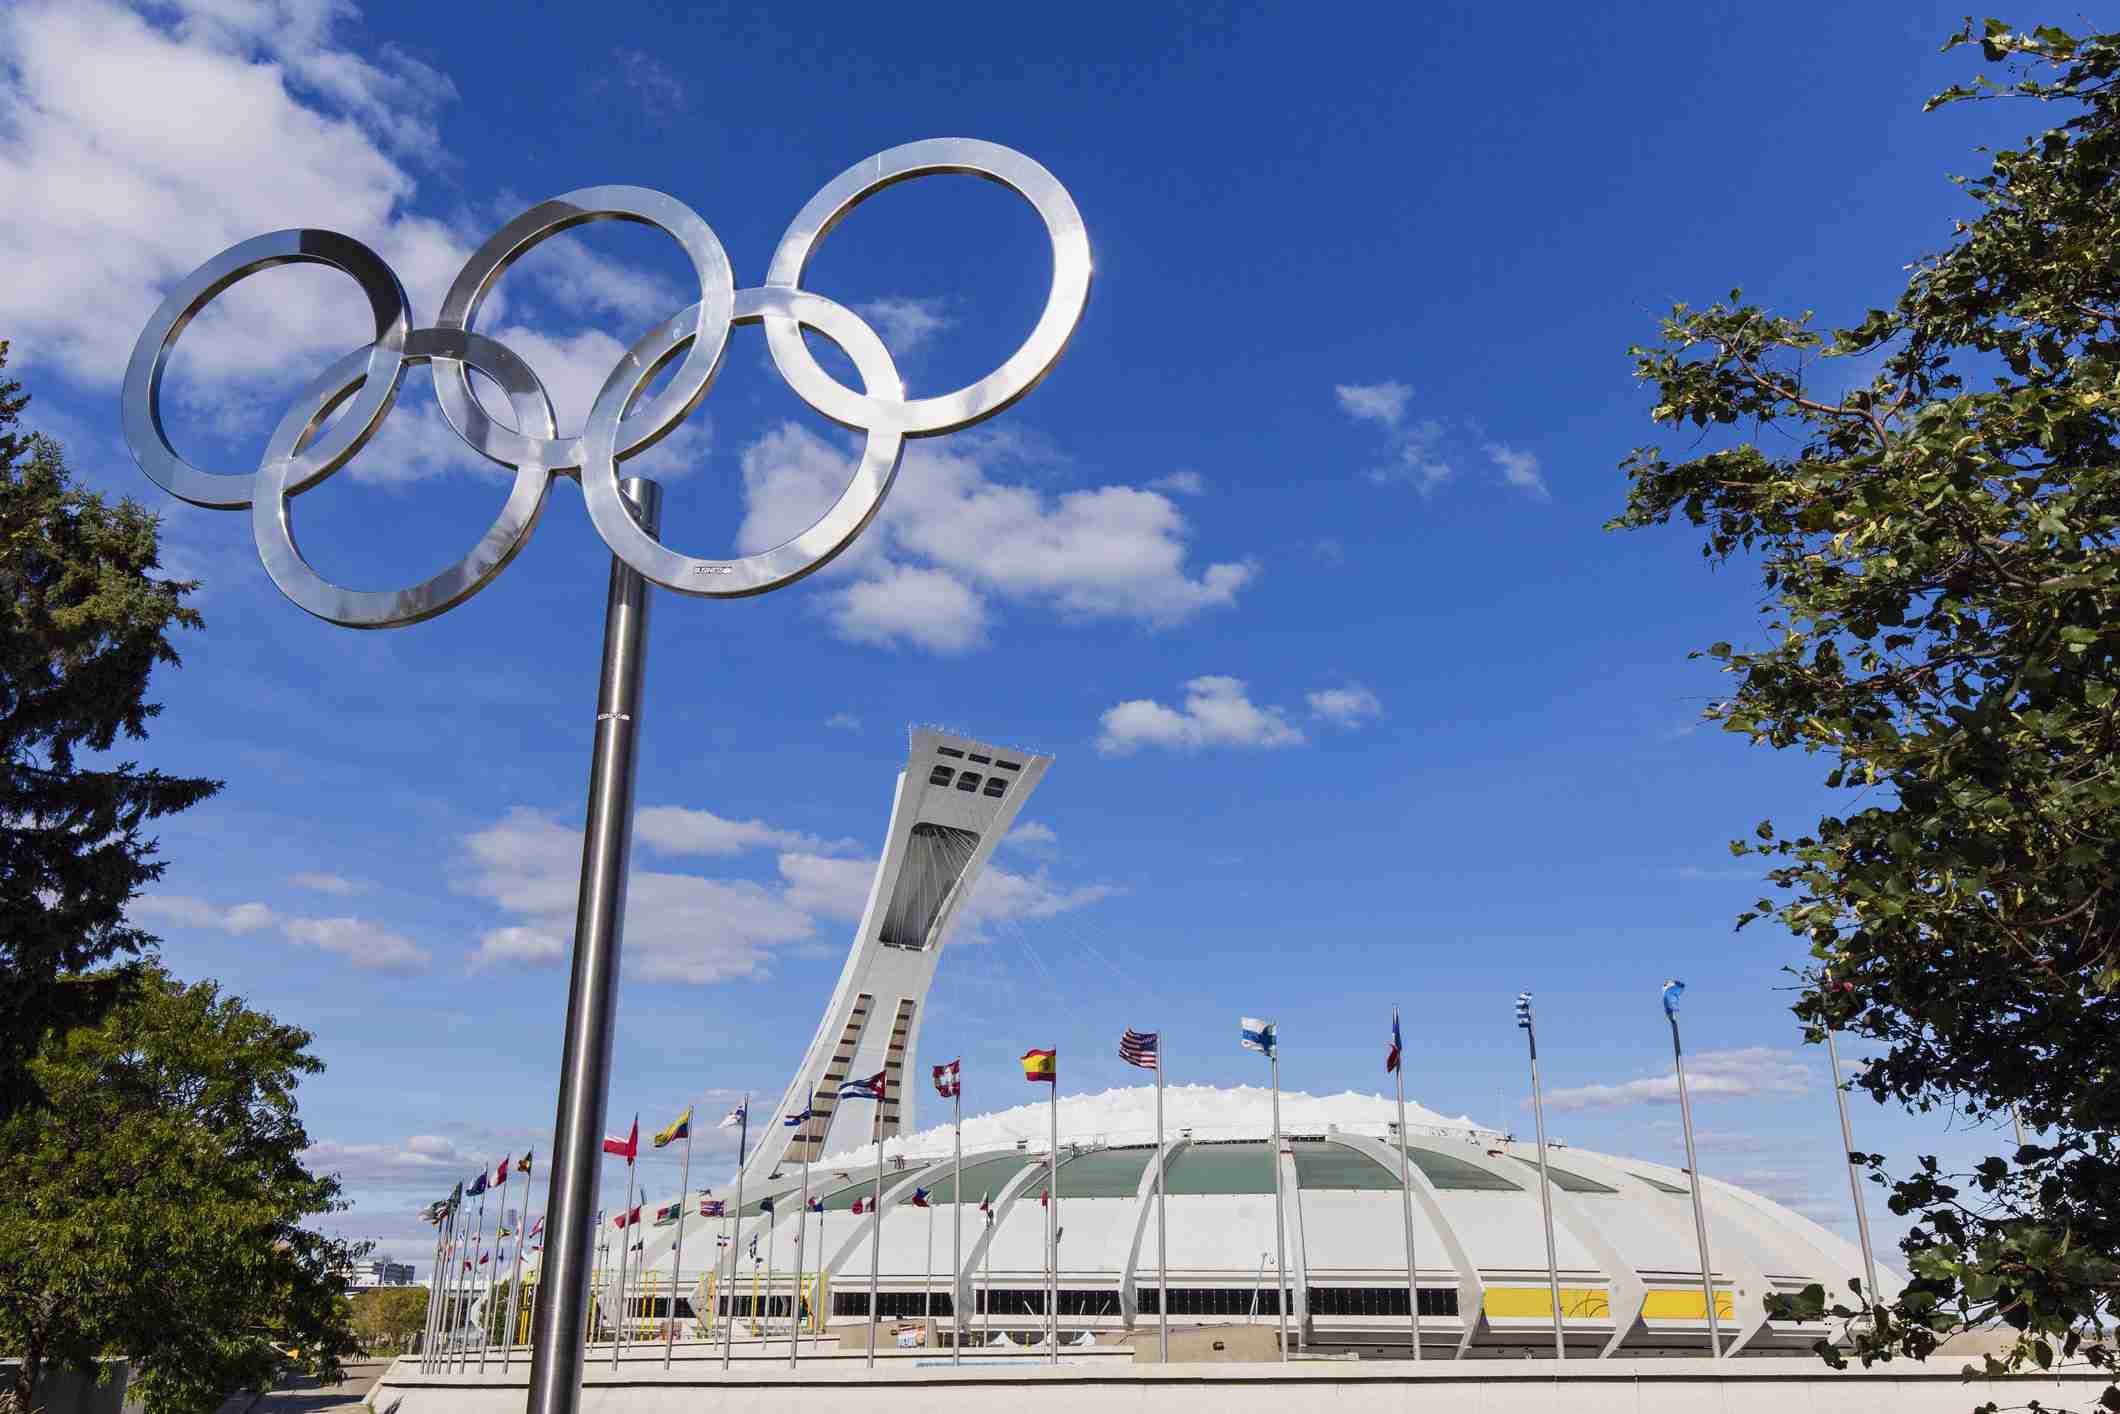 Canadá, provincia de Quebec, Montreal, Parque Olímpico, los anillos olímpicos y el estadio que data de los Juegos Olímpicos de Verano 1976